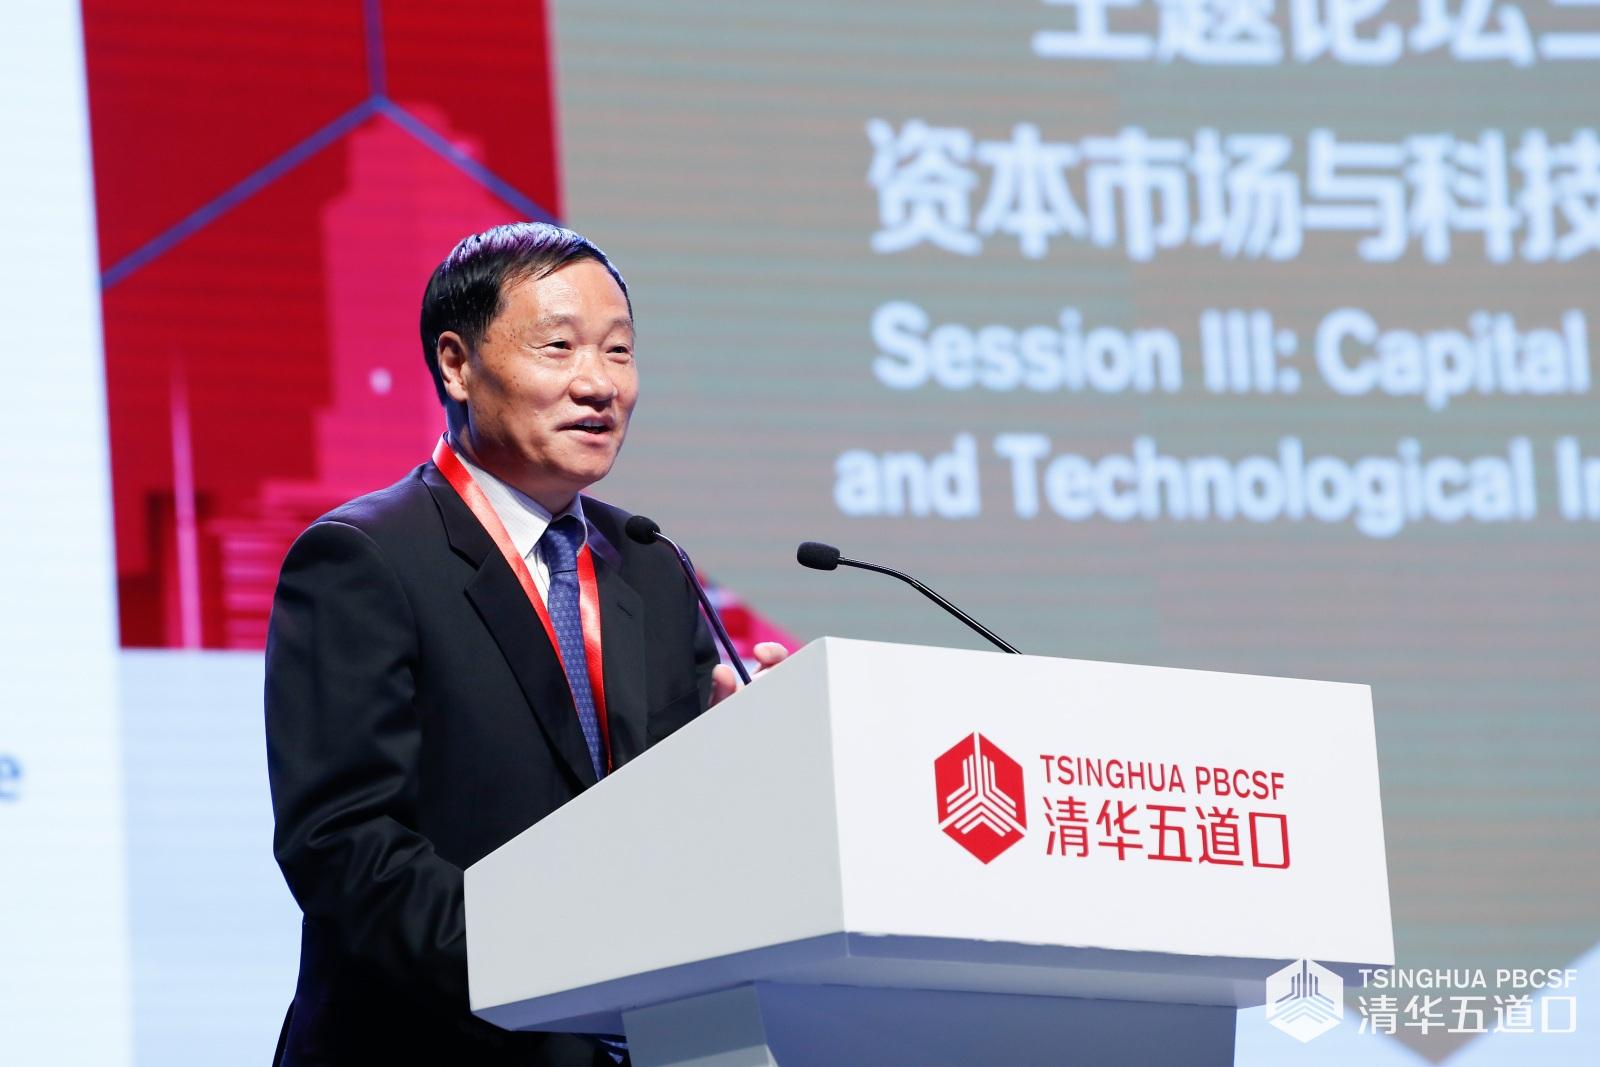 肖钢:数字化浪潮为金融业和资本市场发展带来崭新机遇